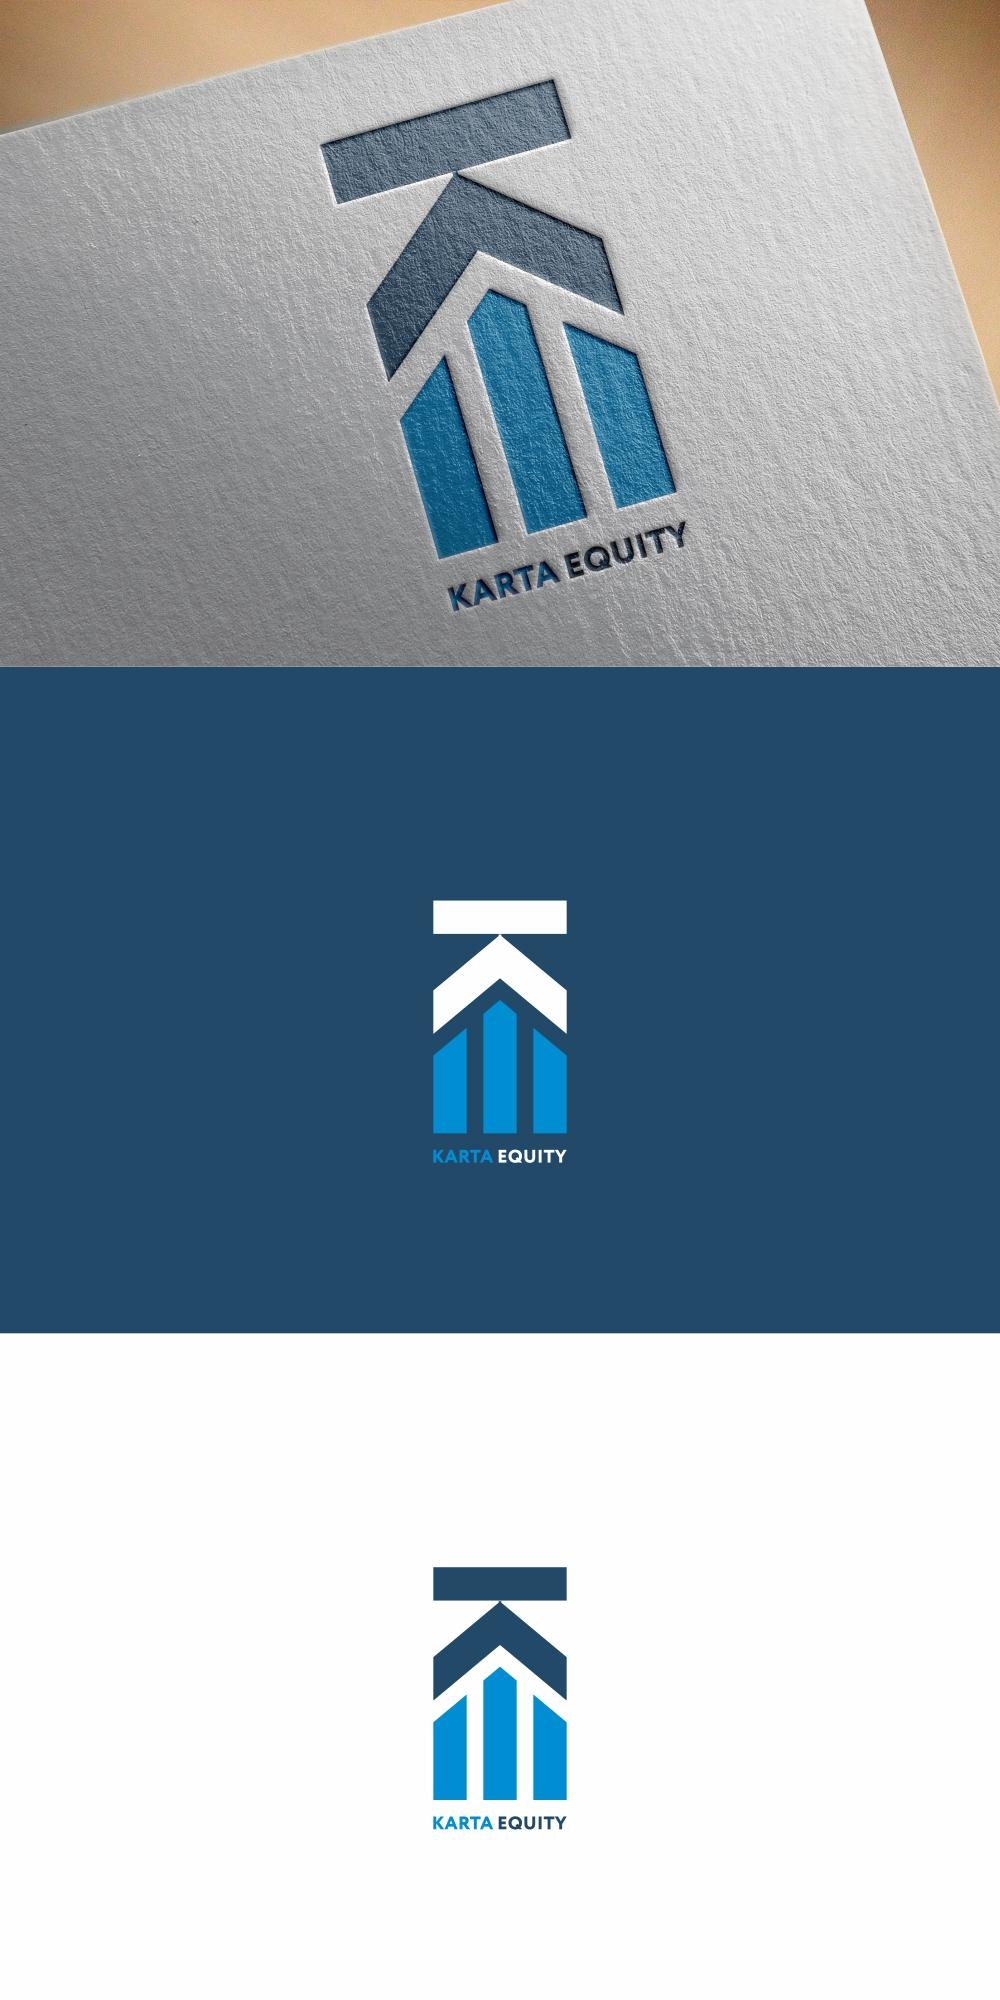 Логотип для компании инвестироваюшей в жилую недвижимость фото f_4365e1298808e814.jpg